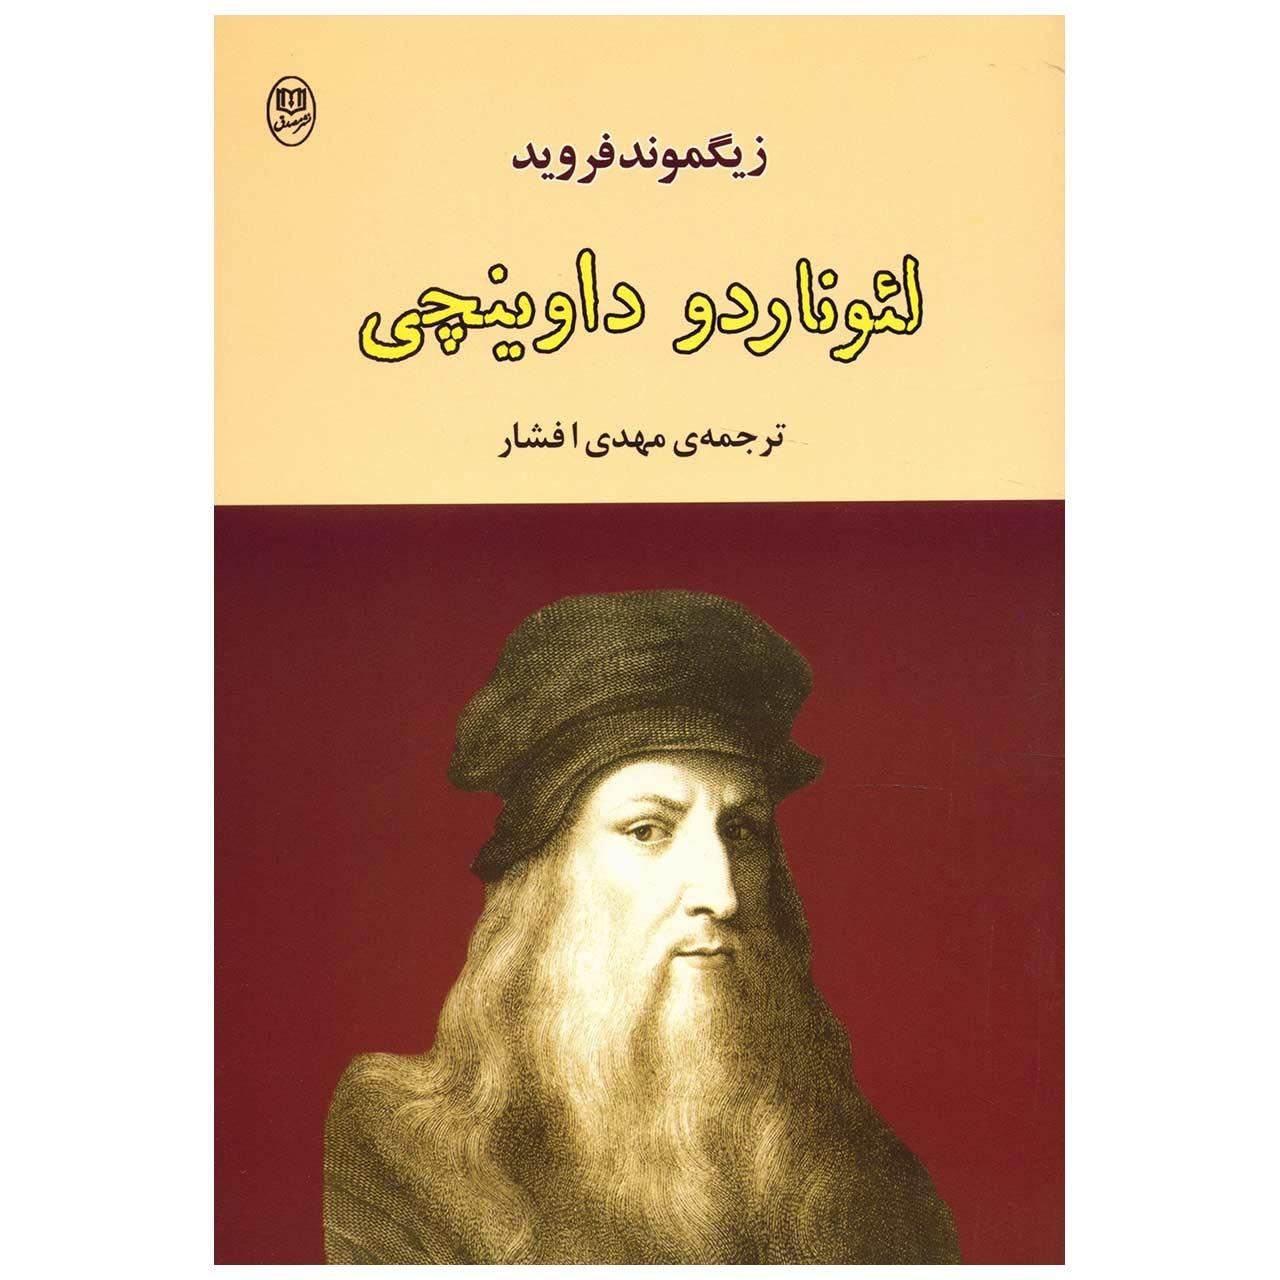 کتاب لئوناردو داوینچی اثر زیگموند فروید